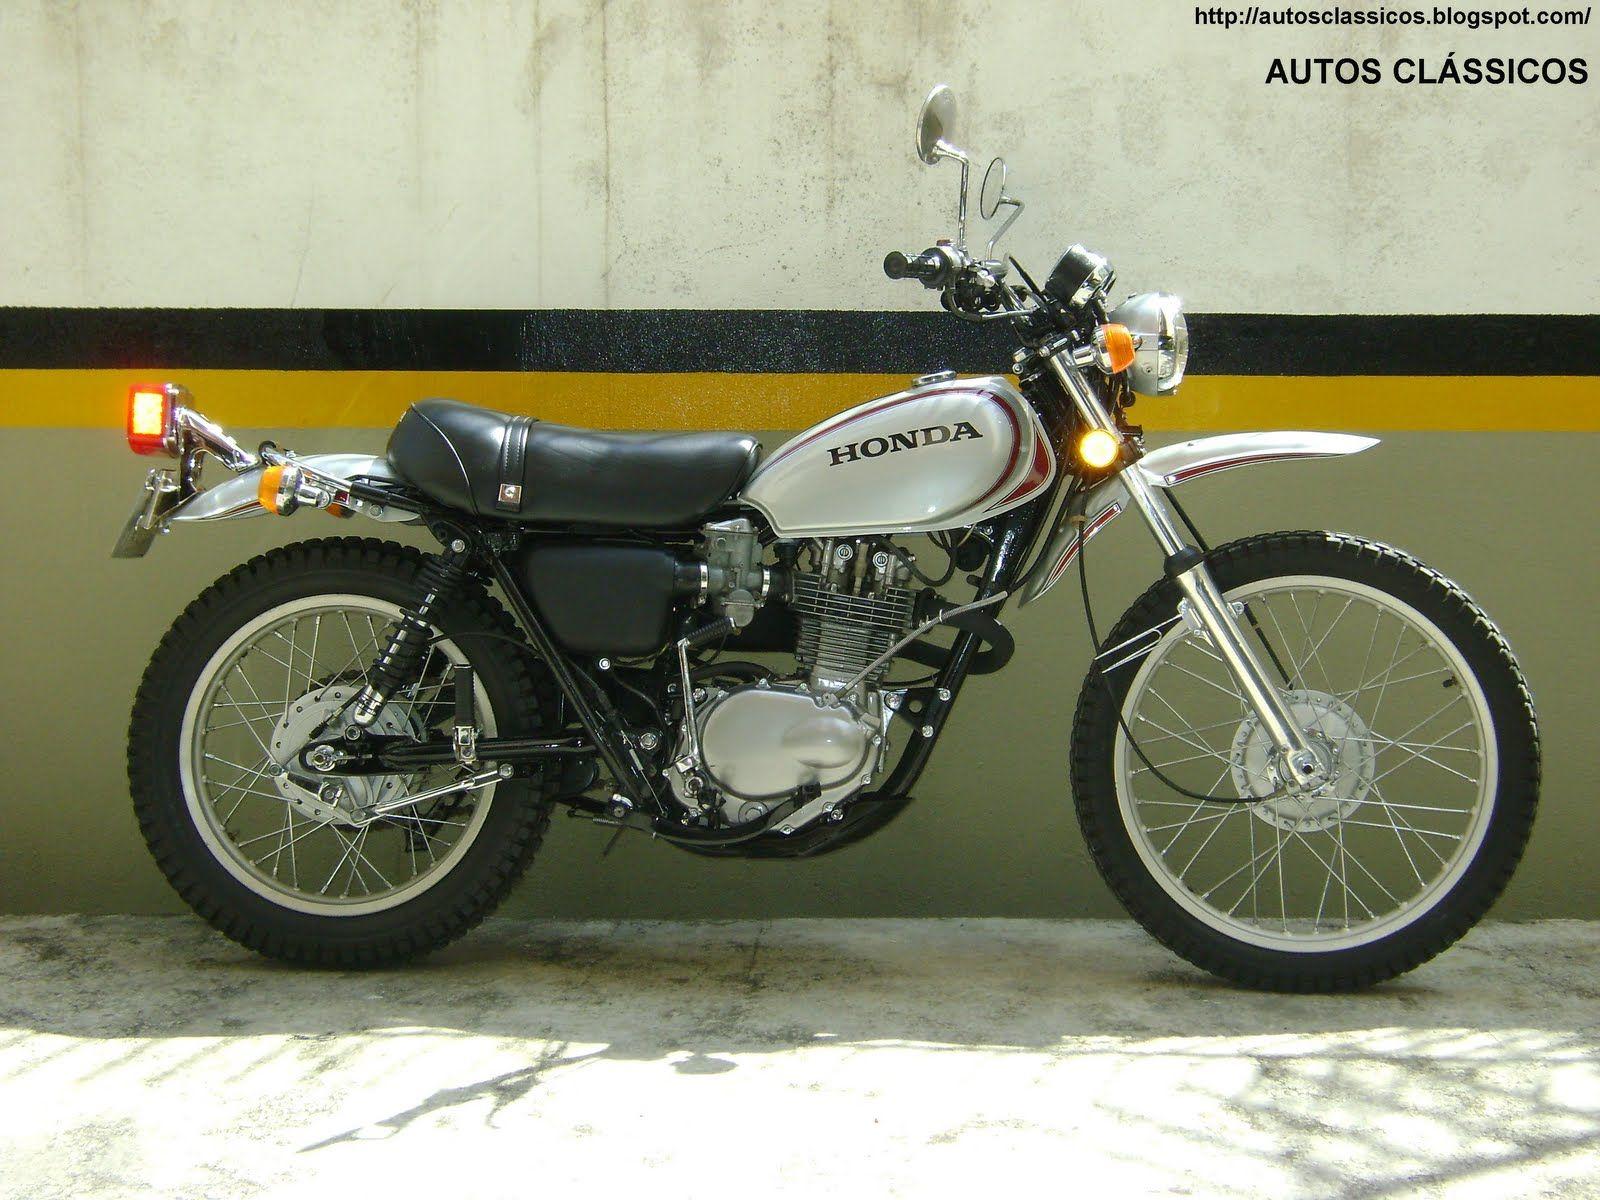 Ja Falei Aqui Que Uma Das Minhas Paixoes Sao As Motocicletas Em 1977 Tive Minha Primeira Moto Uma Honda Cg 125 Bolinha Desde En Honda Cg Honda Motos Honda